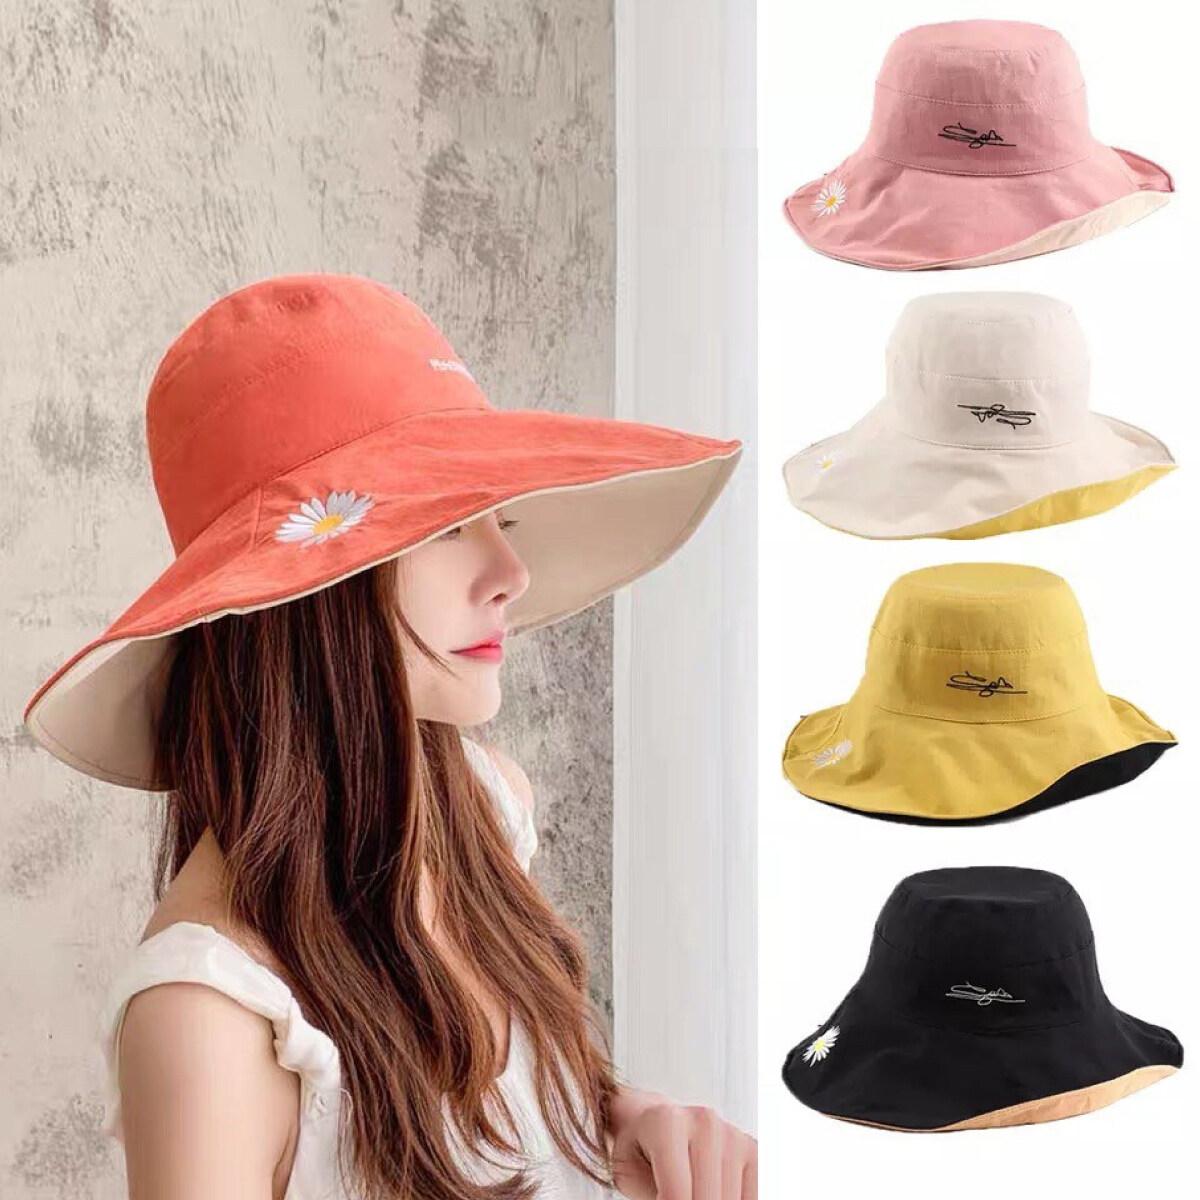 หมวก หมวกกันแดด หมวกวินเทจ หมวกแฟชั่น หมวกบักเก็ต หมวกผู้หญิง หมวกกันแดดหญิง หมวกแฟชั่นหญิง หมวกบักเก็ตผญ ใส่ได้ 2 ด้าน / Jt.fashion.